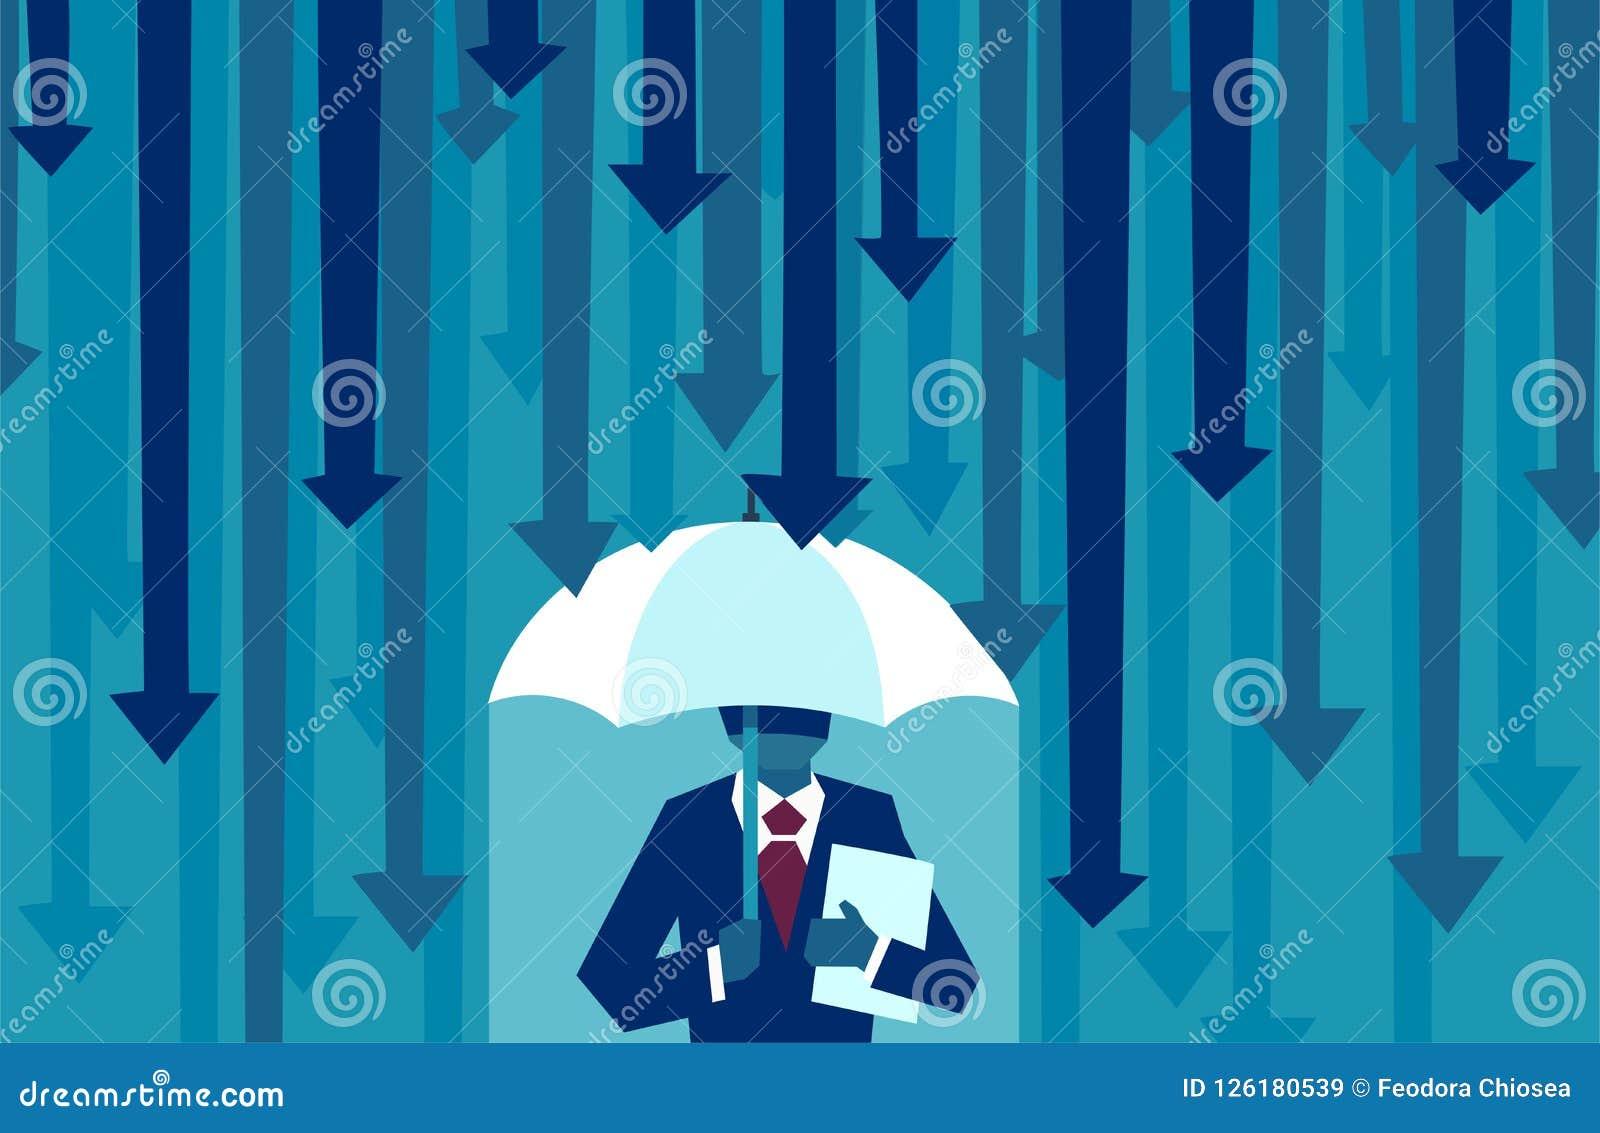 Vektor eines Geschäftsmannes mit dem Regenschirm, der vor fallenden Pfeilen schützend widersteht